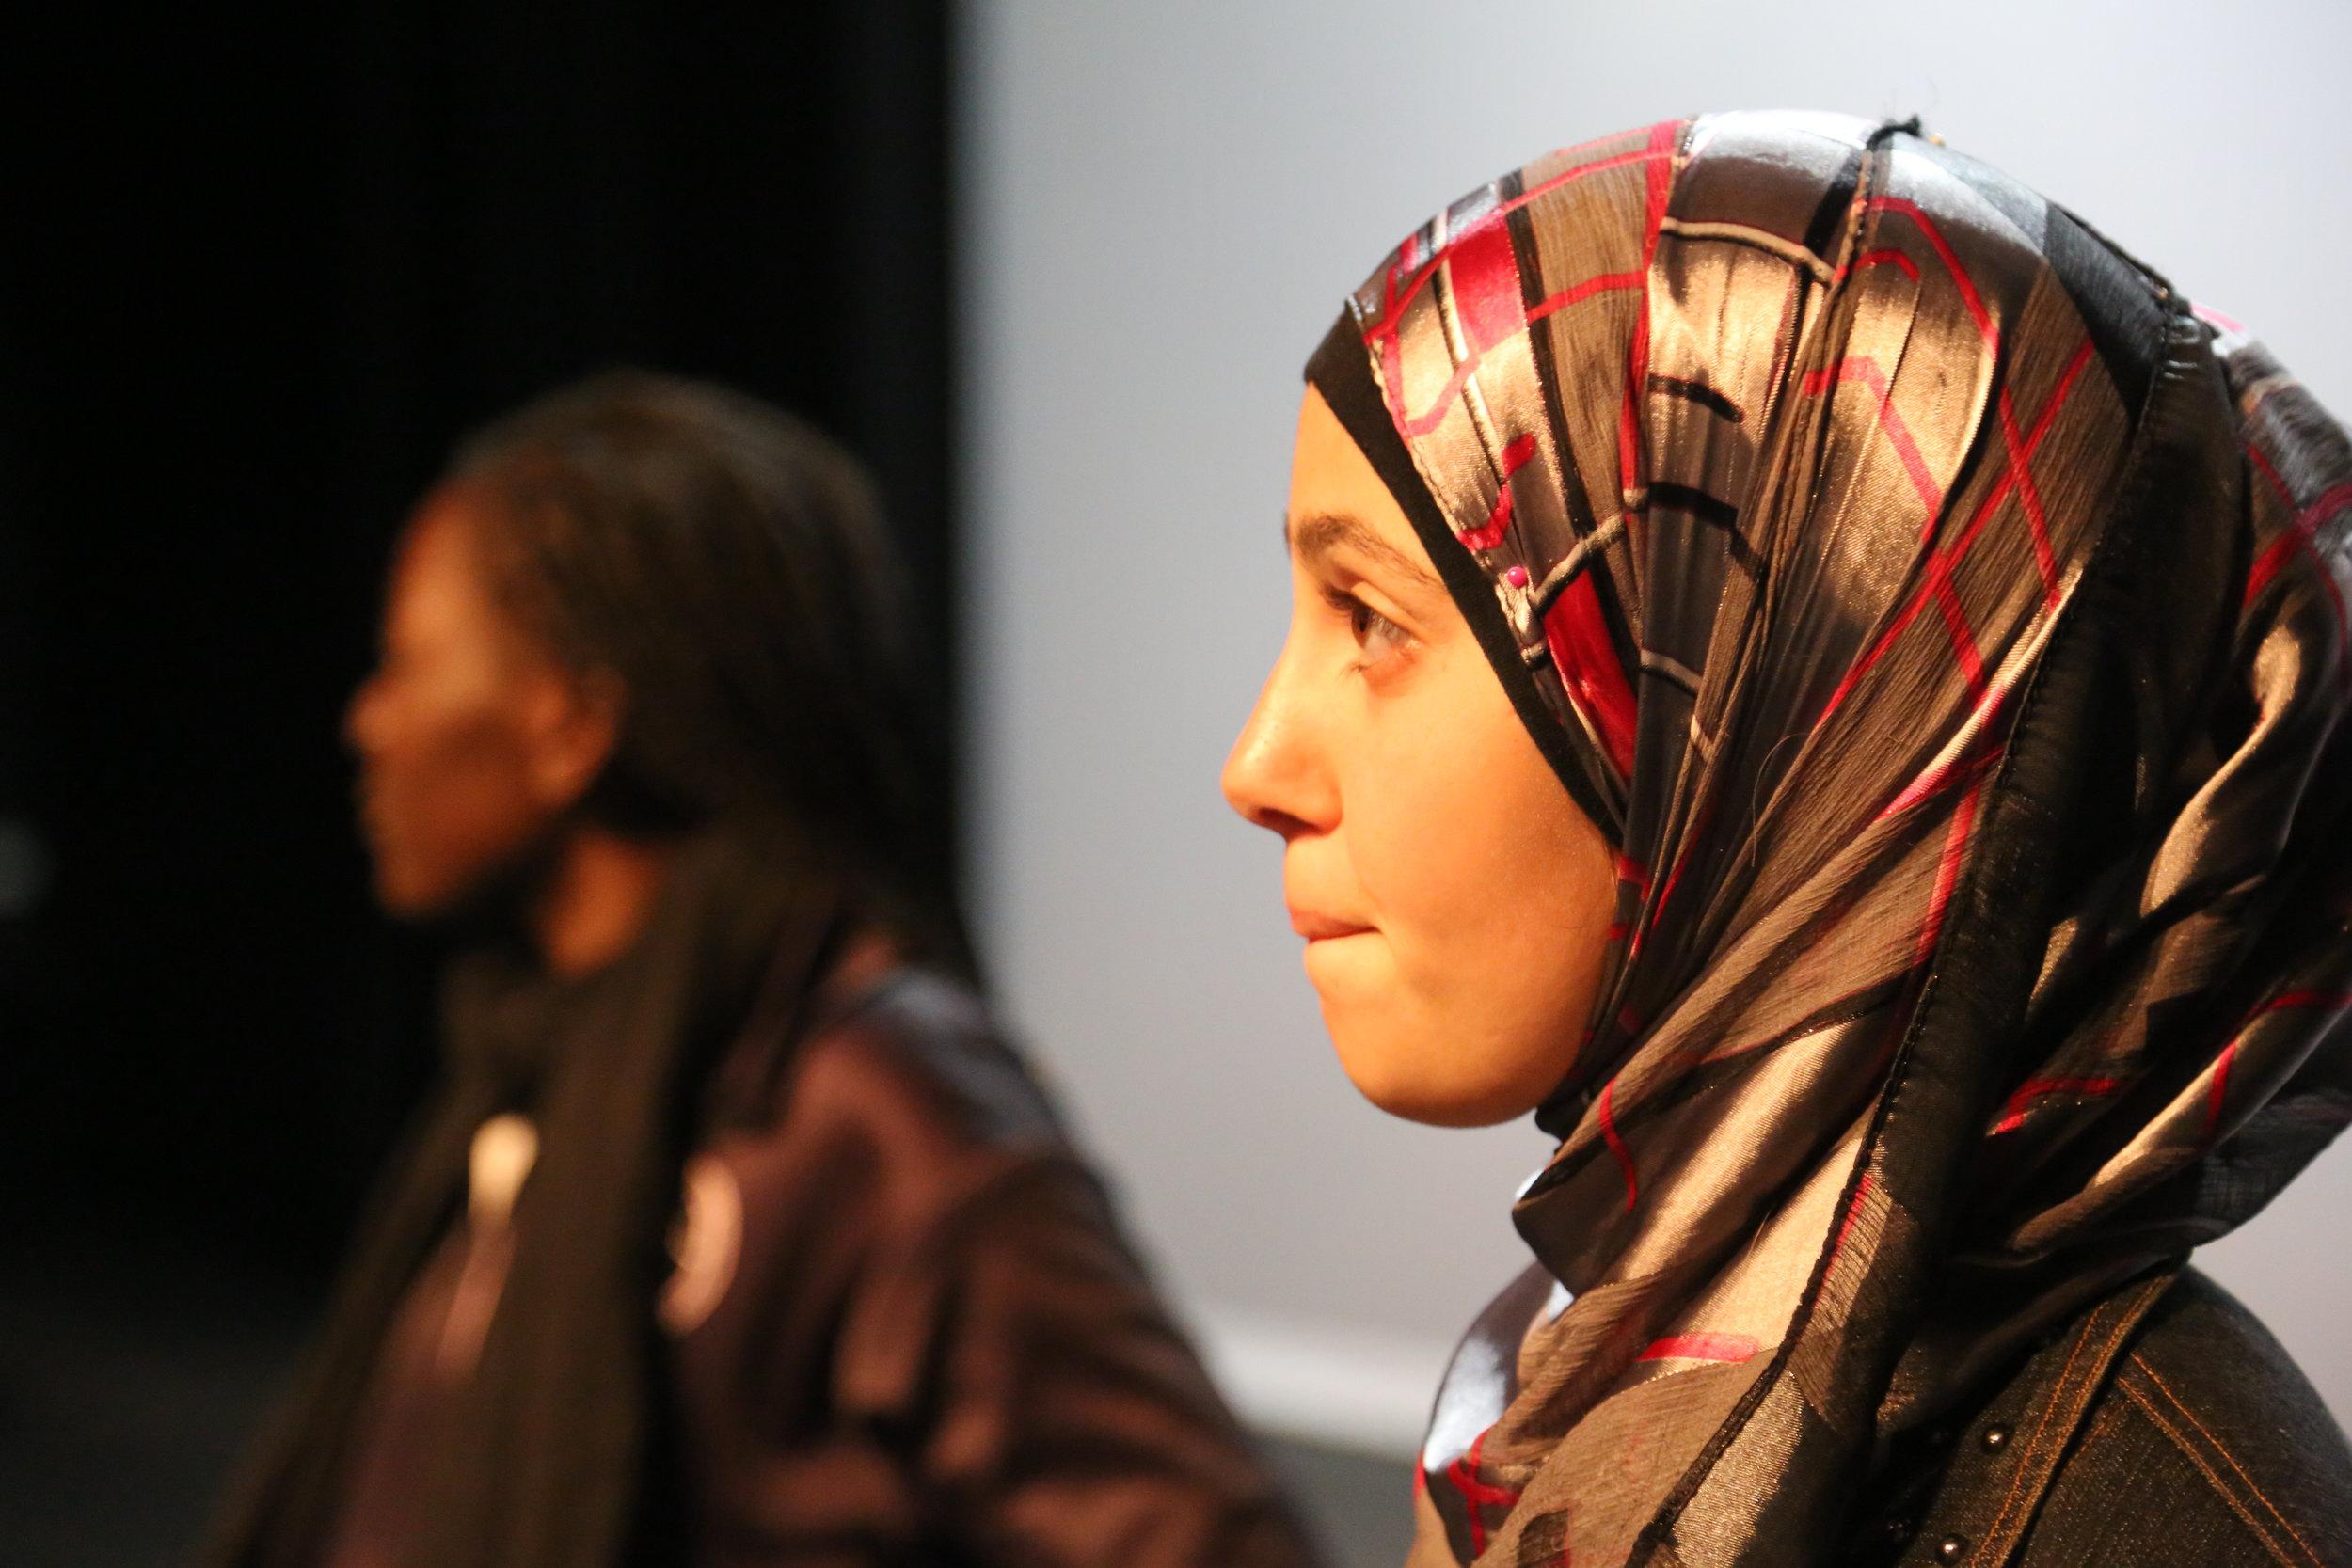 Copy of Maryam_onstage.JPG